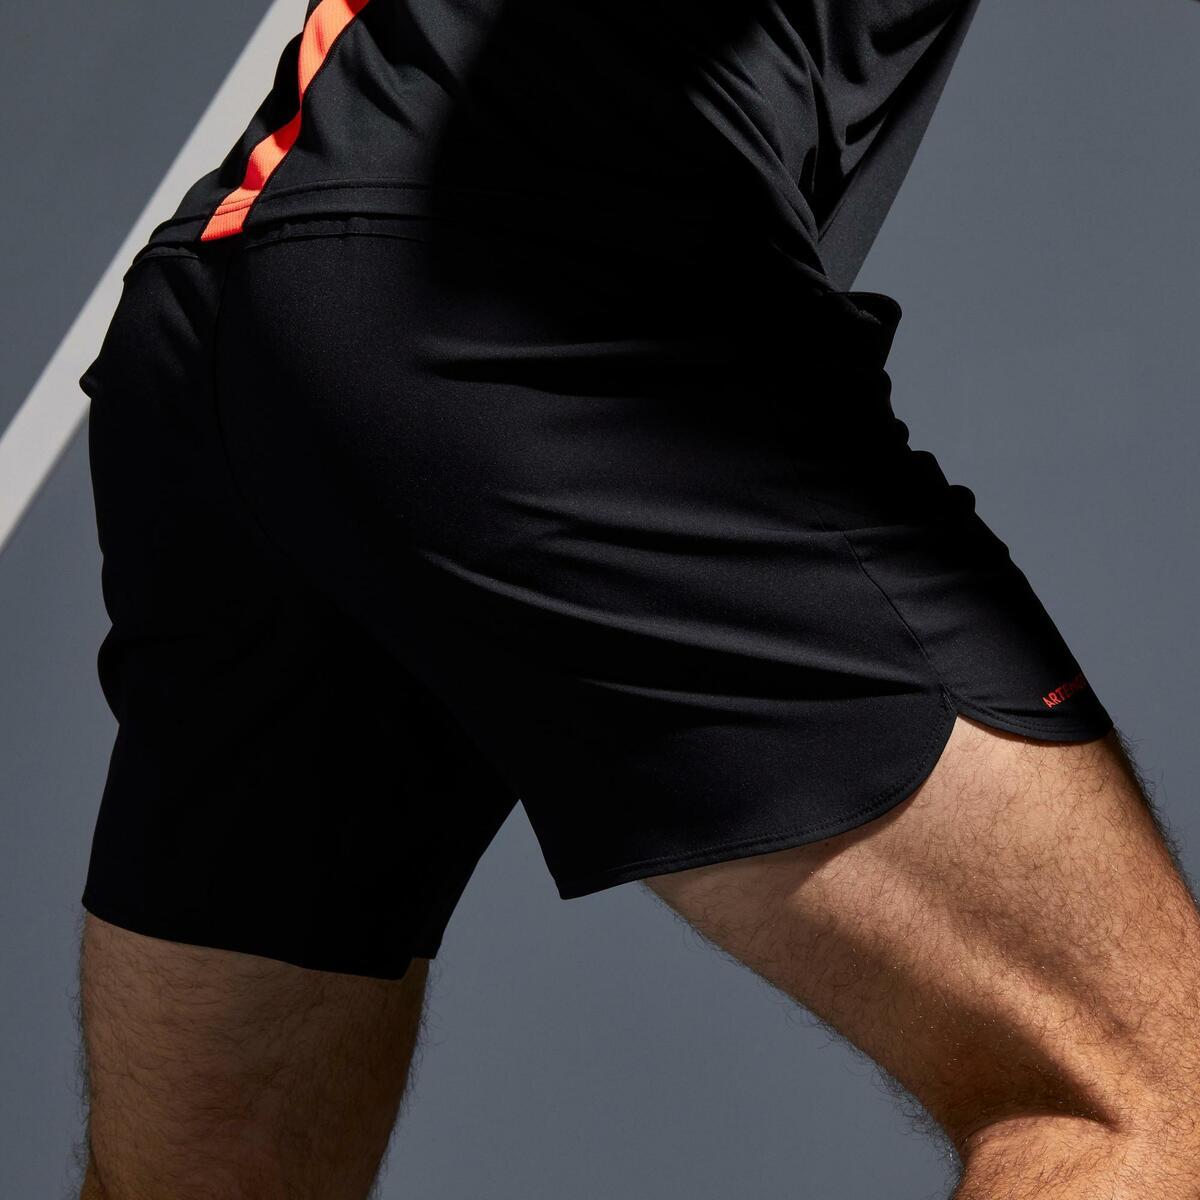 Bild 5 von Tennis-Shorts Dry 500 Herren schwarz/orange